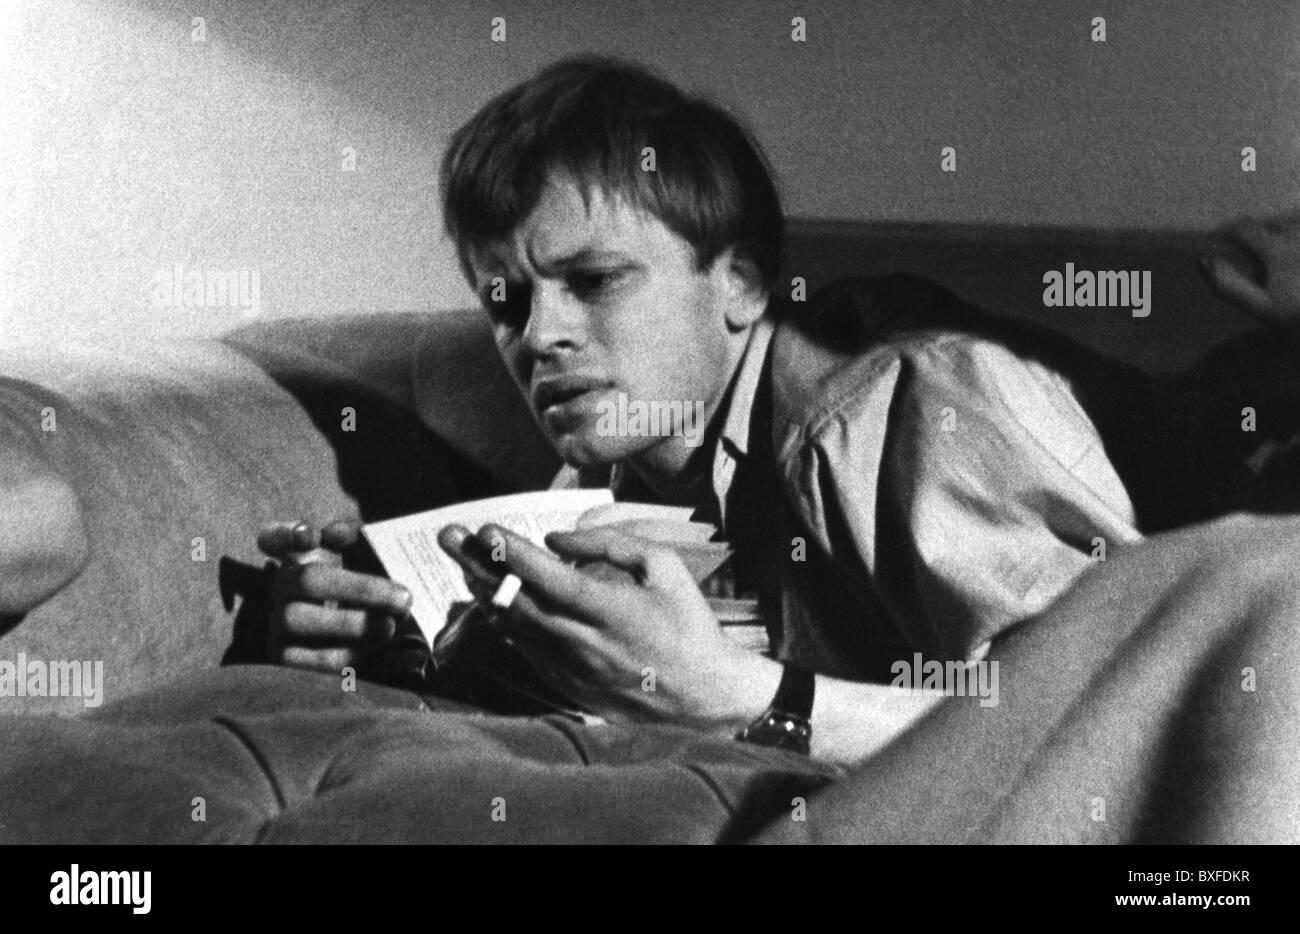 """Kinski, Klaus, 18.10.1926 - 23.11.1991, acteur allemand, lecture de """"L'Idiot"""" de Fyodor Dostoïevsky, Berlin, 1958, Banque D'Images"""